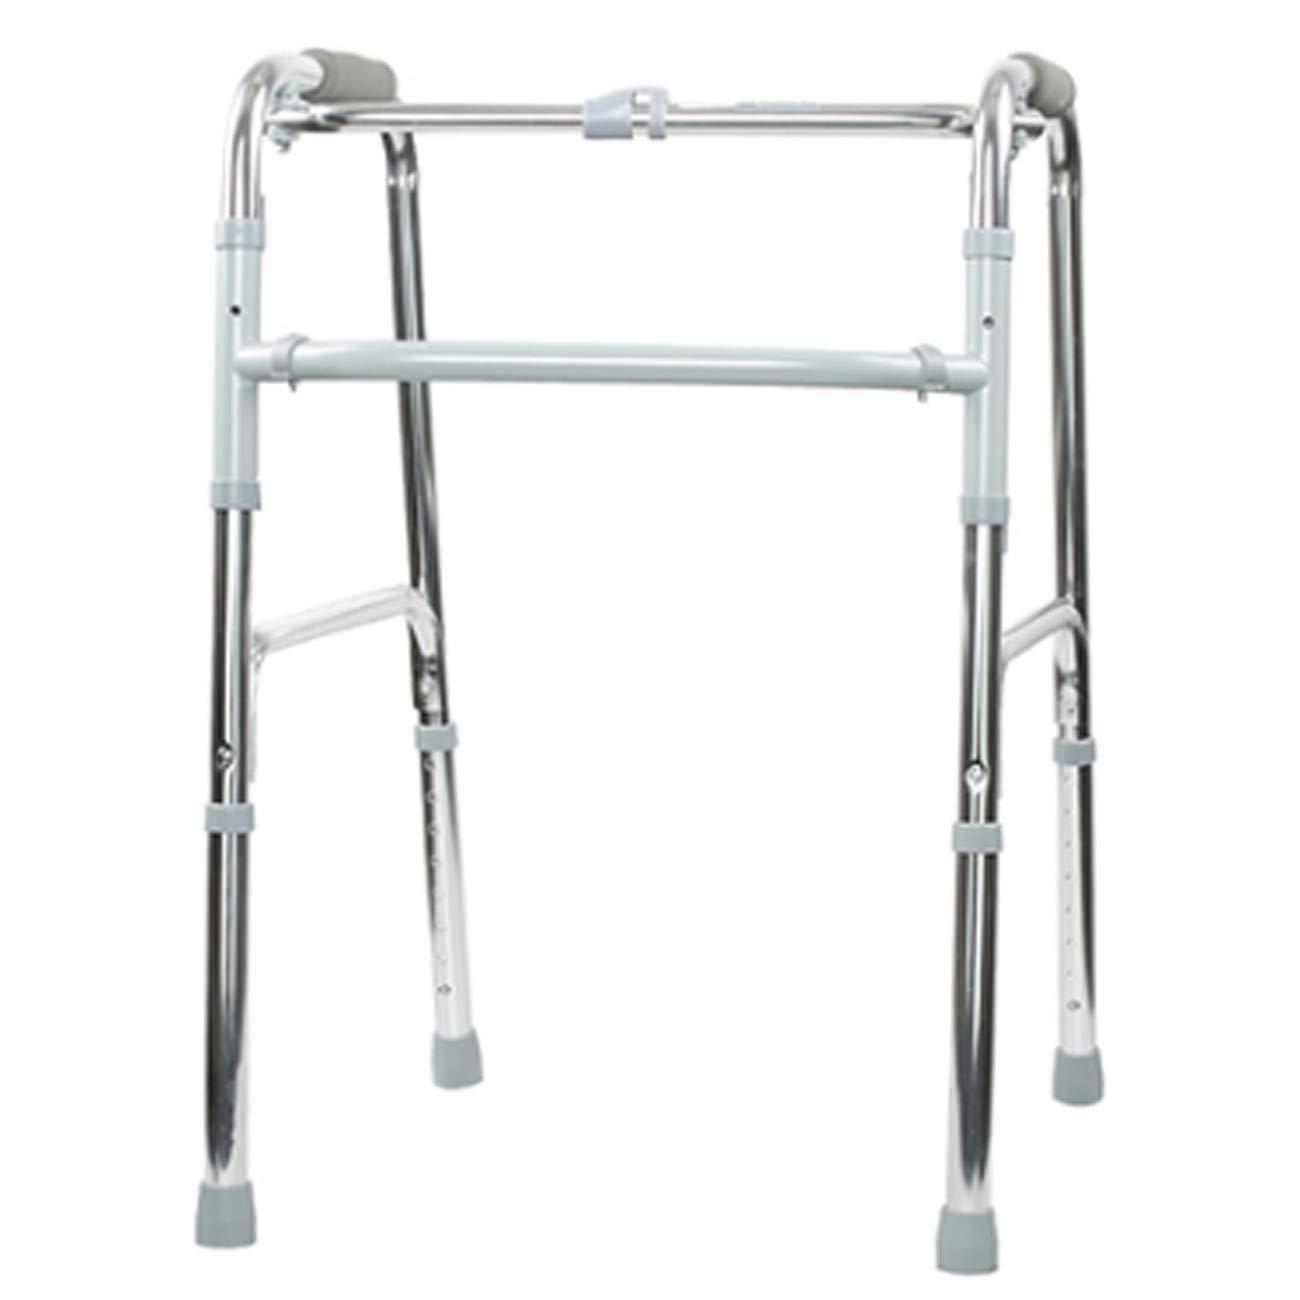 正規品販売! 高齢者歩行器、アルミニウム合金歩行補助具 B07KTXJ5FD、容易な折り畳み補助歩行器 B07KTXJ5FD, シューズボックス:774a8743 --- a0267596.xsph.ru